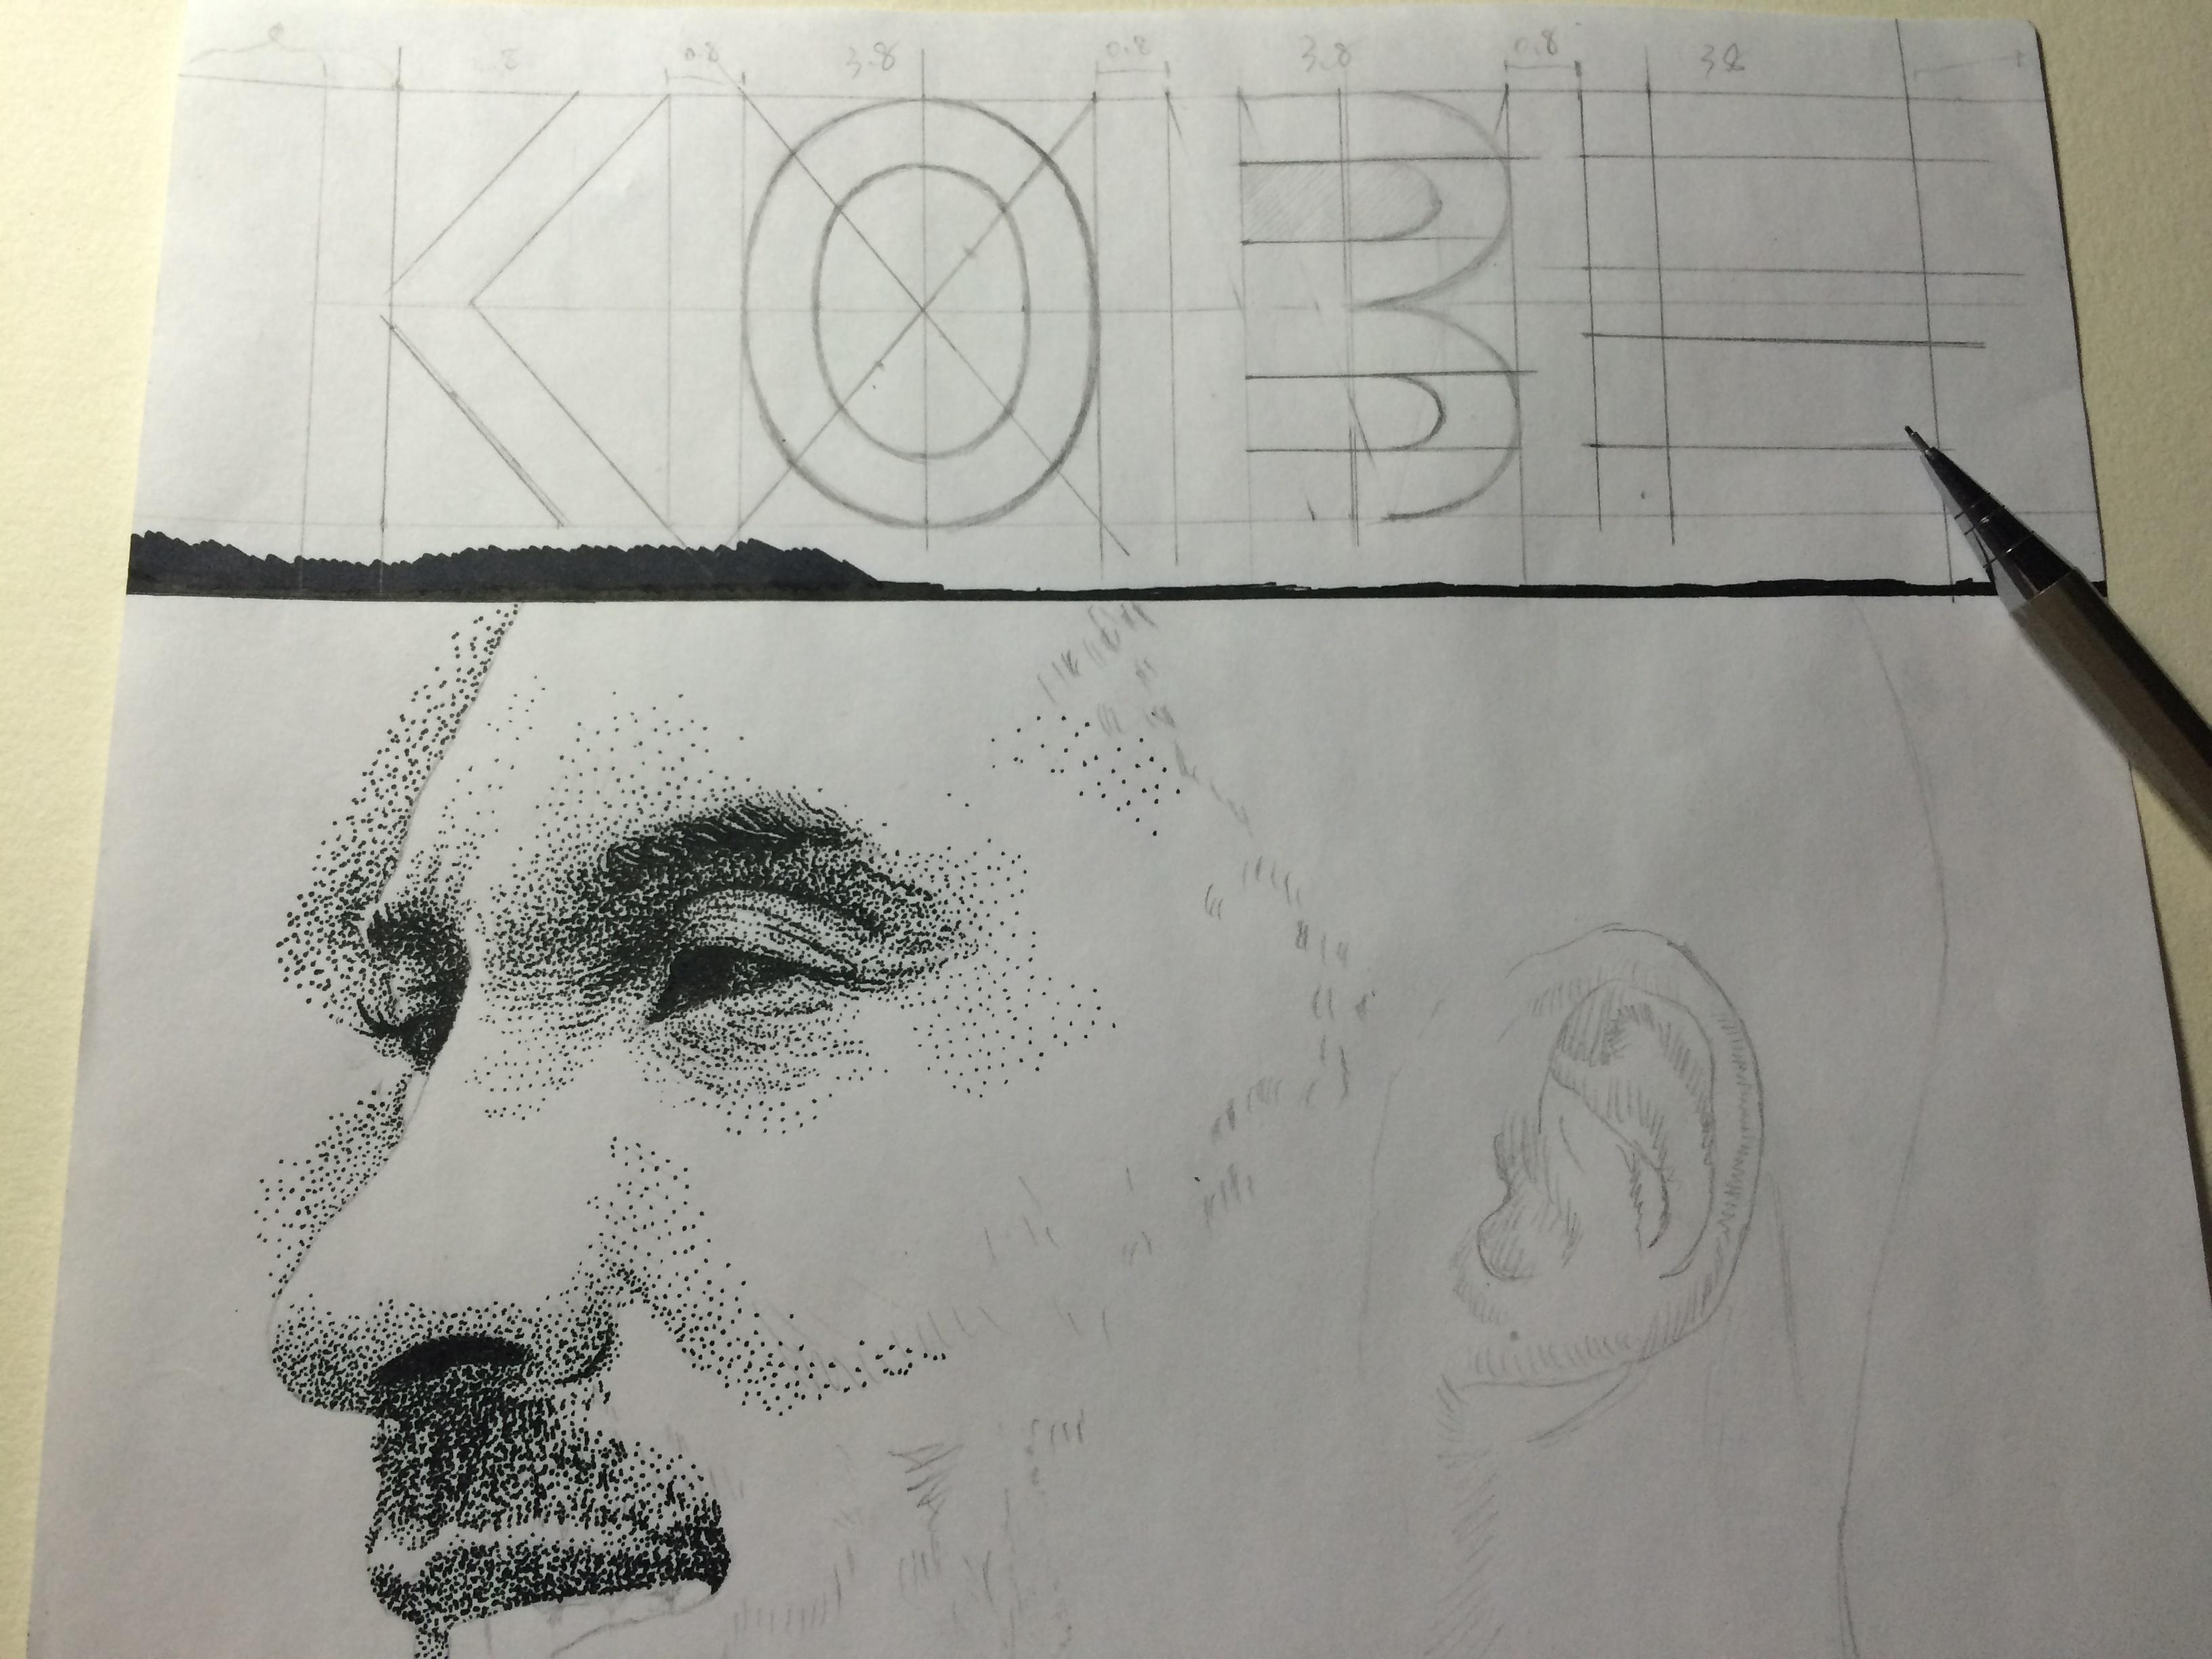 科比那个手绘动态图片